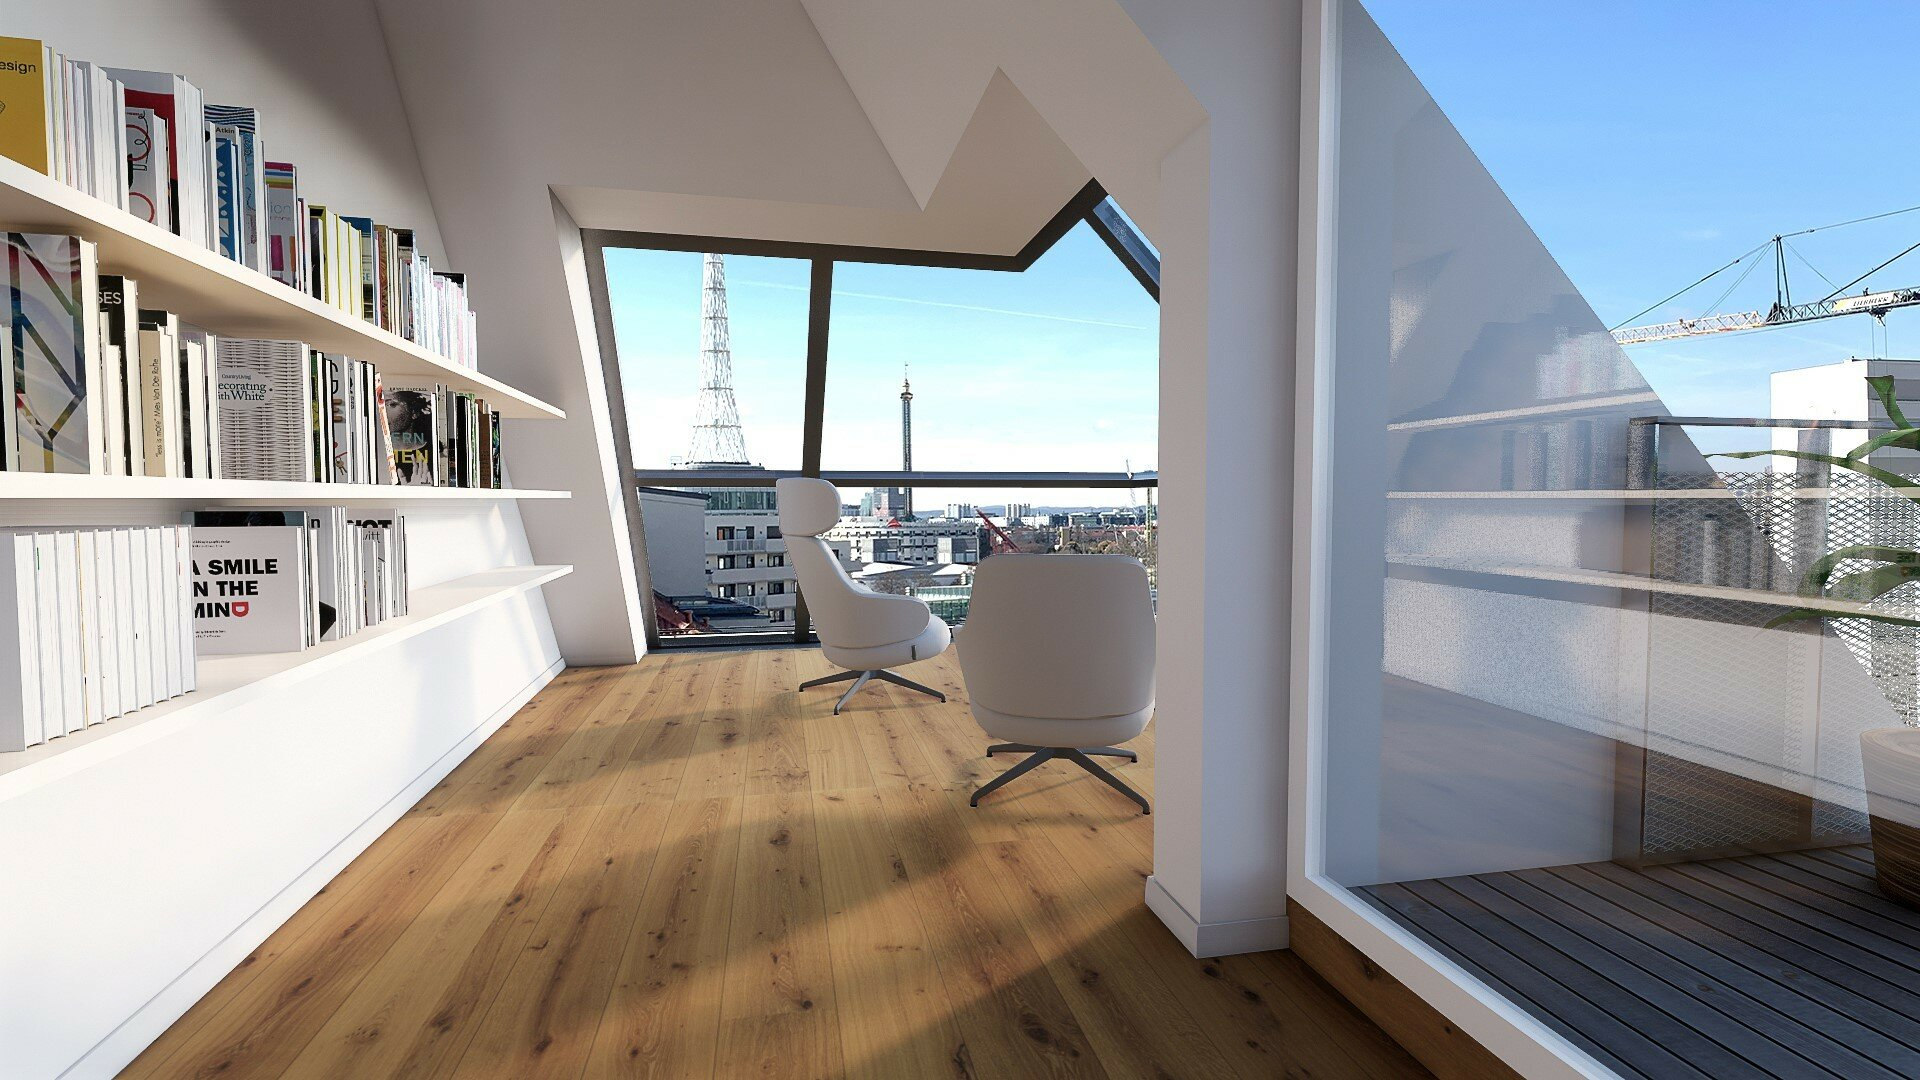 bitte Inseratstext beachten! | Ein Ausblick, der begeistert! | Einzigartige DG-Wohnungen mit großzügigen Außenflächen und außergewöhnlicher Raumhöhe (Projektansicht)